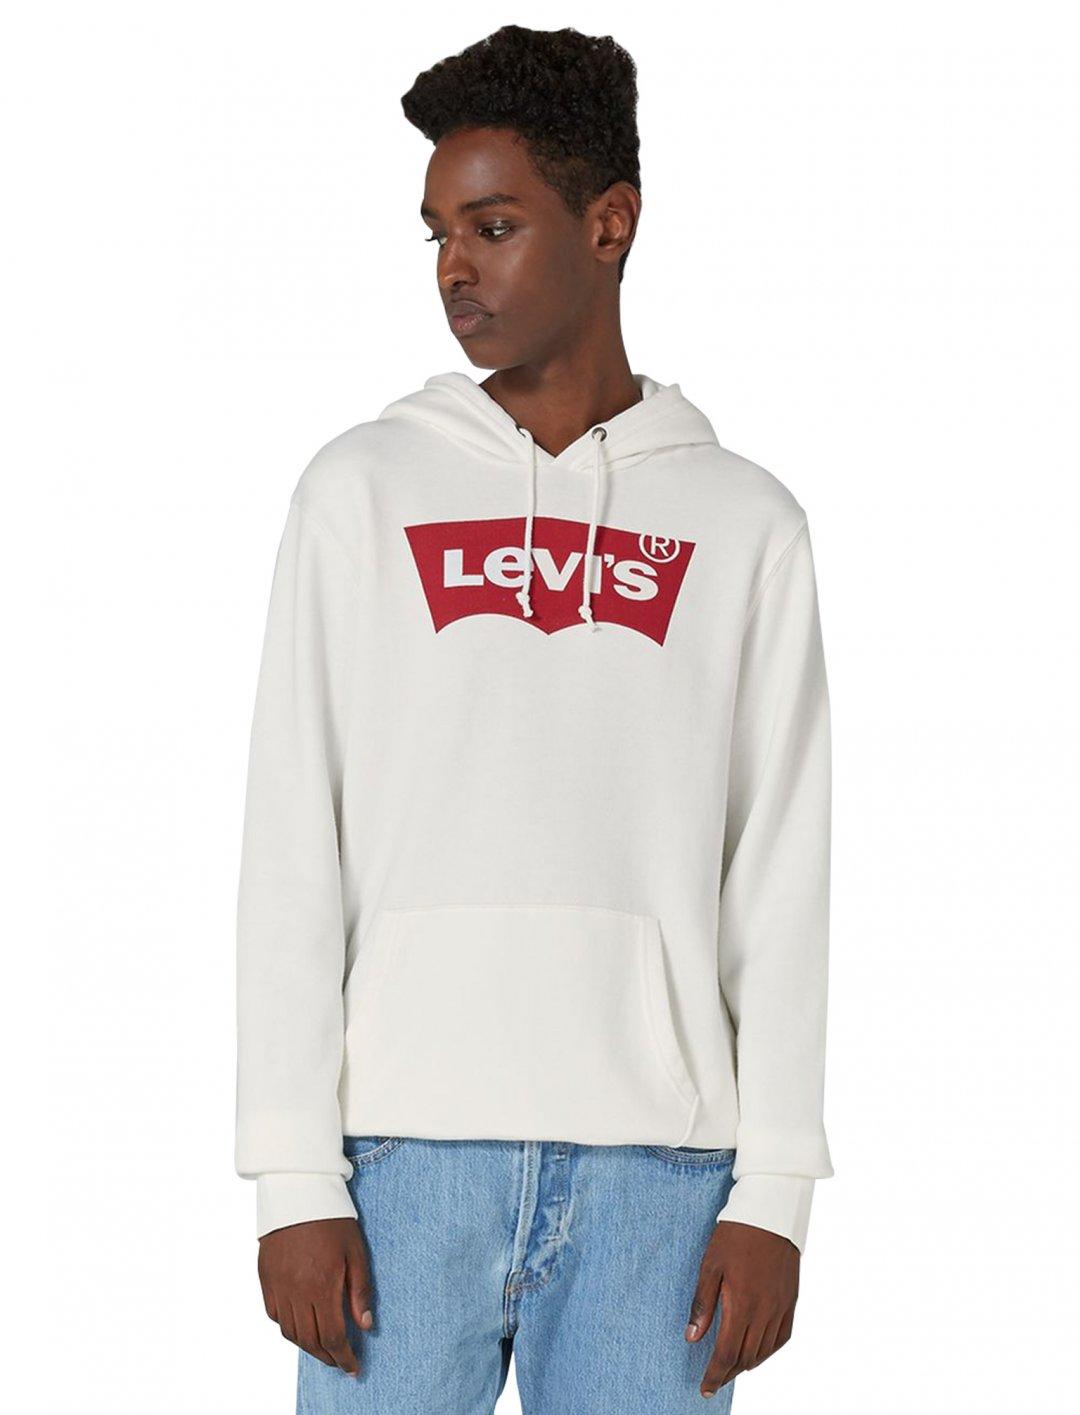 LEVI'S Cream Hoodie Clothing Levi's